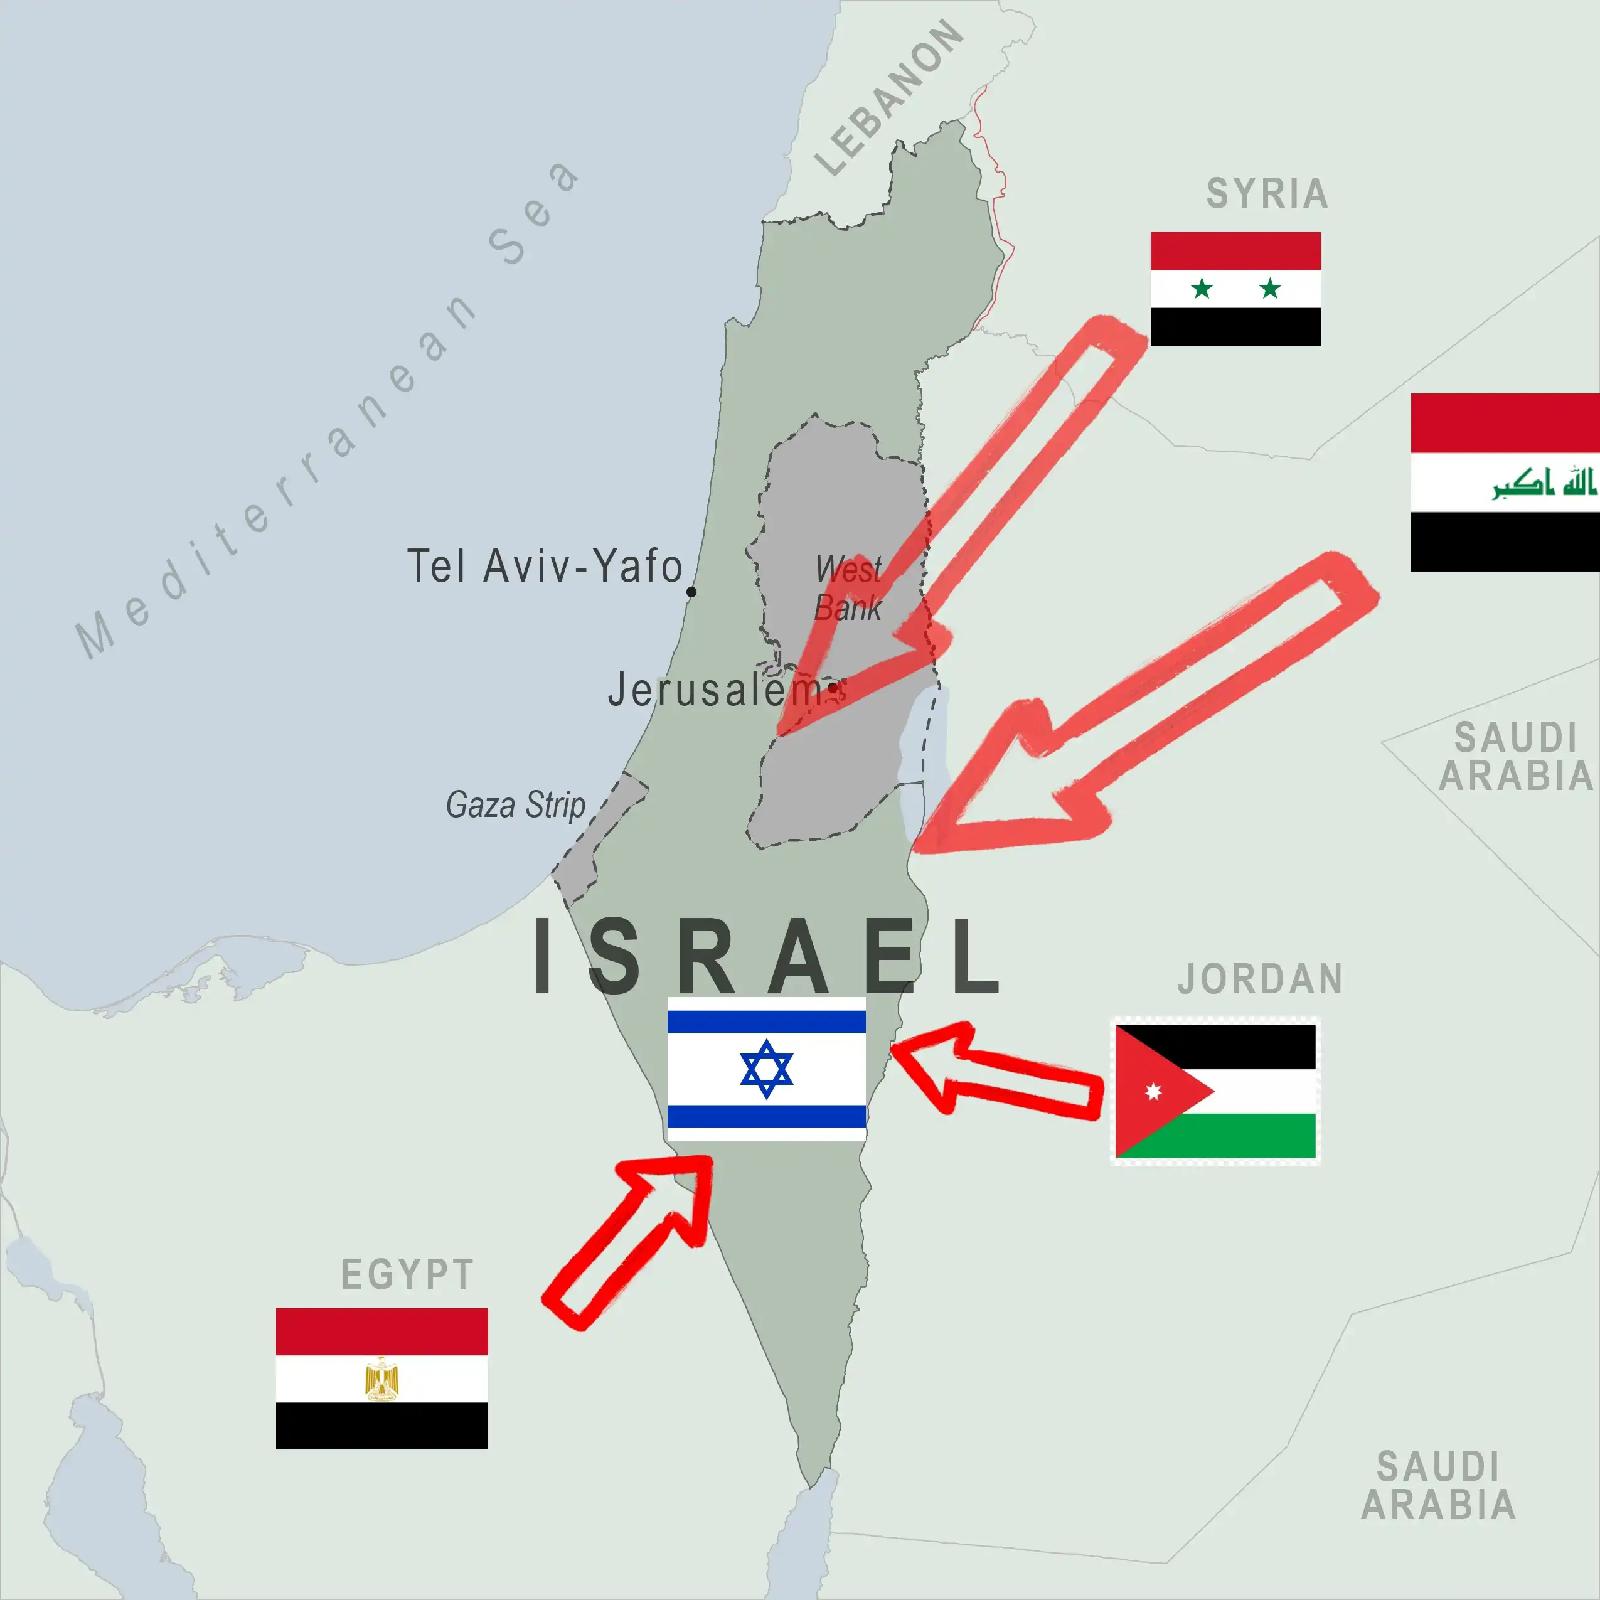 israel 6 day war